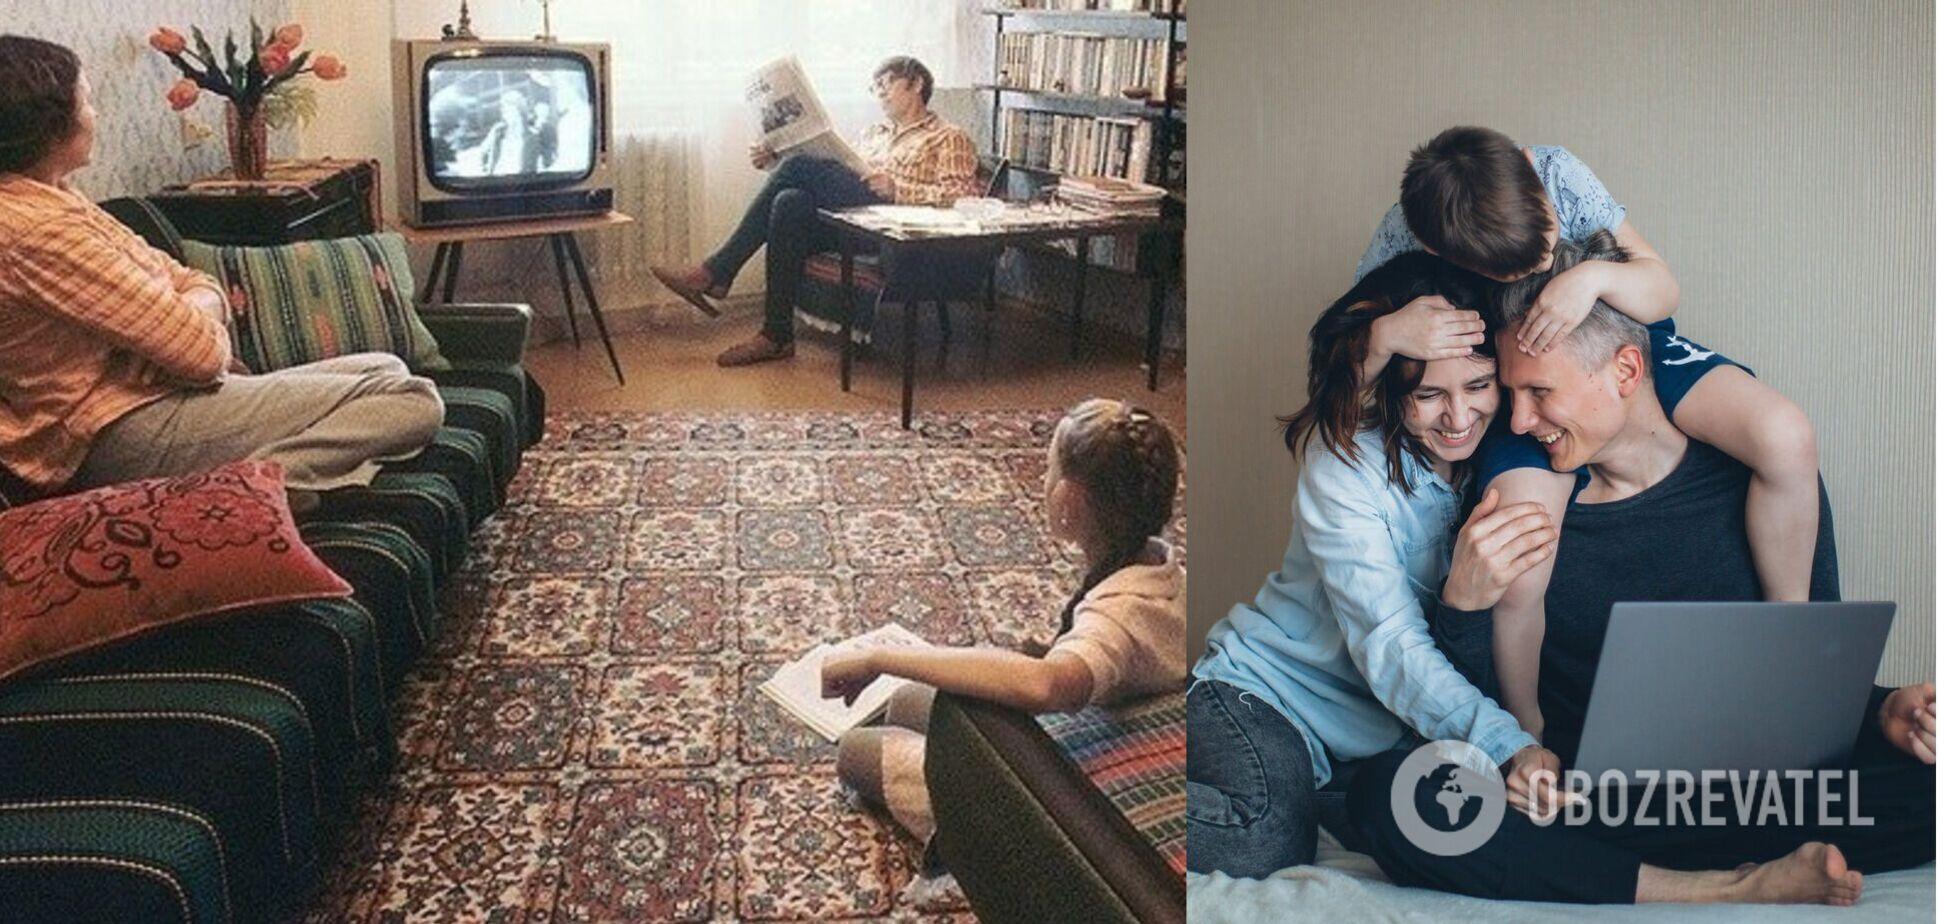 Молодежь иначе относится к уюту и функциональности своего дома.